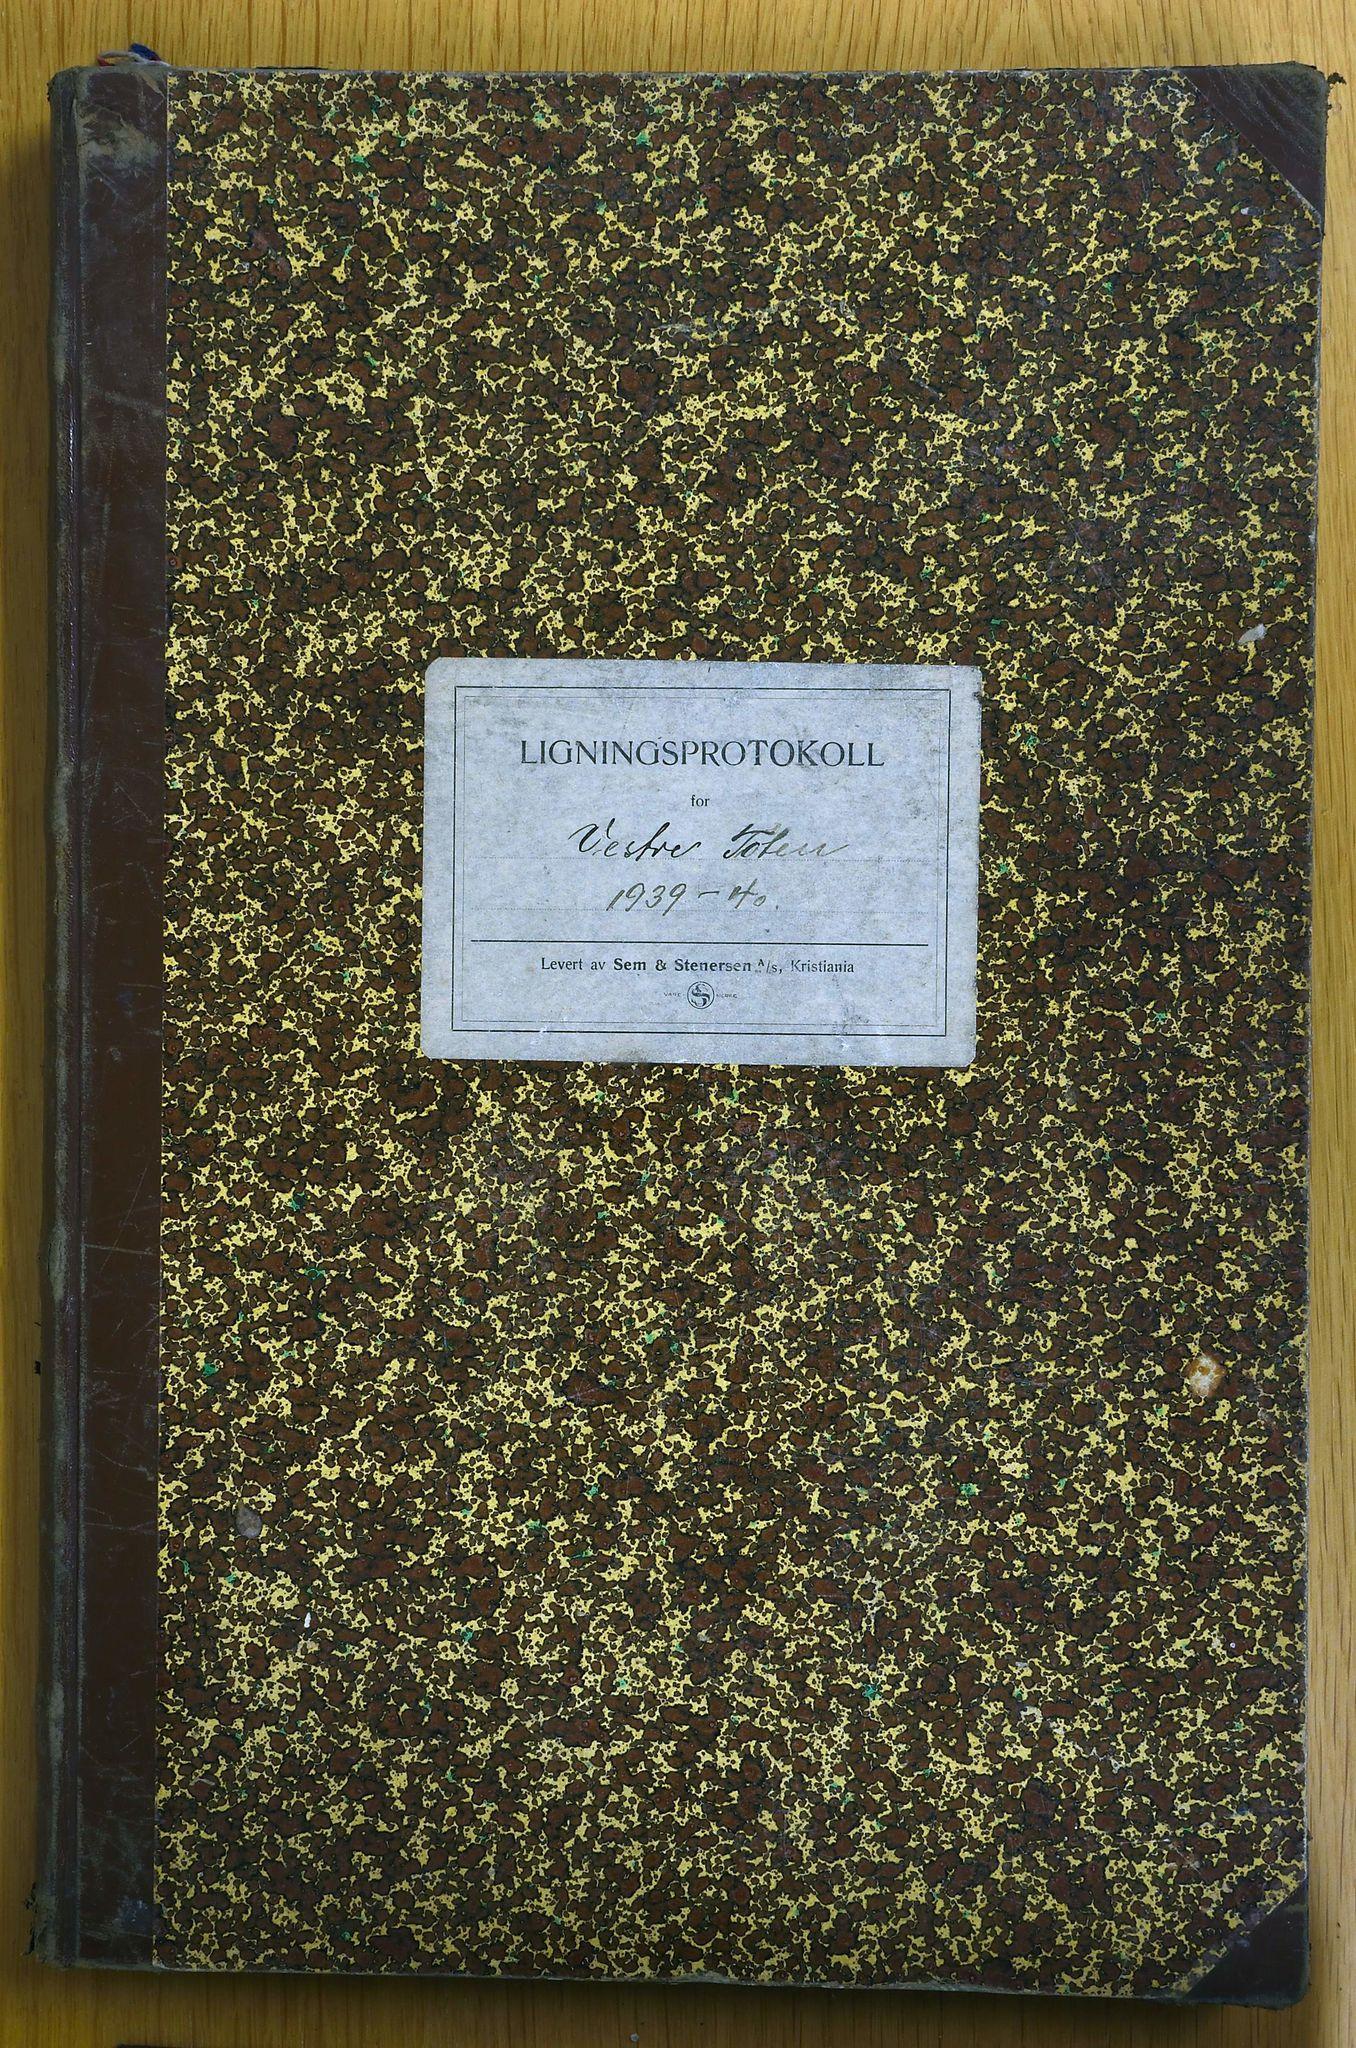 KVT, Vestre Toten municipality archive: Tax assessment protocol 1939-1940, 1939-1940